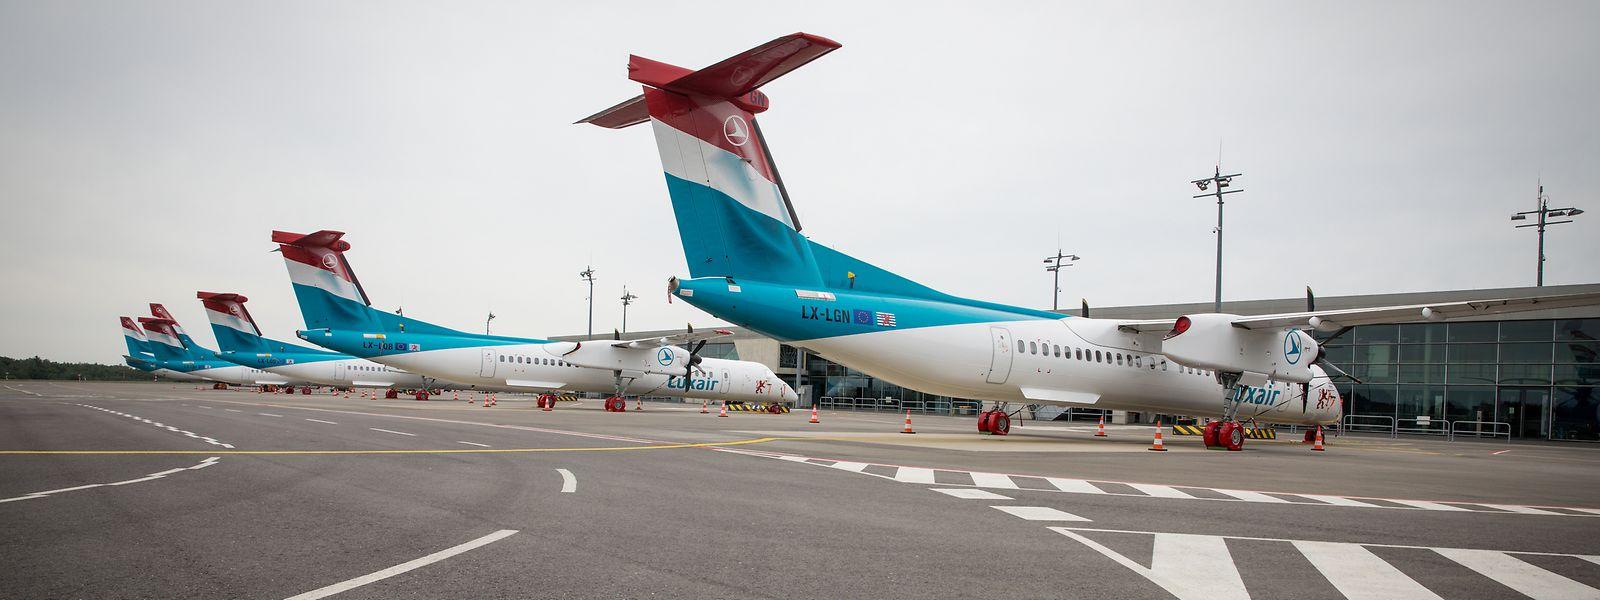 Selon le CEO de la compagnie aérienne, les mesures de sécurité actuellement en place sont «suffisamment efficaces» pour lutter contre les contaminations.